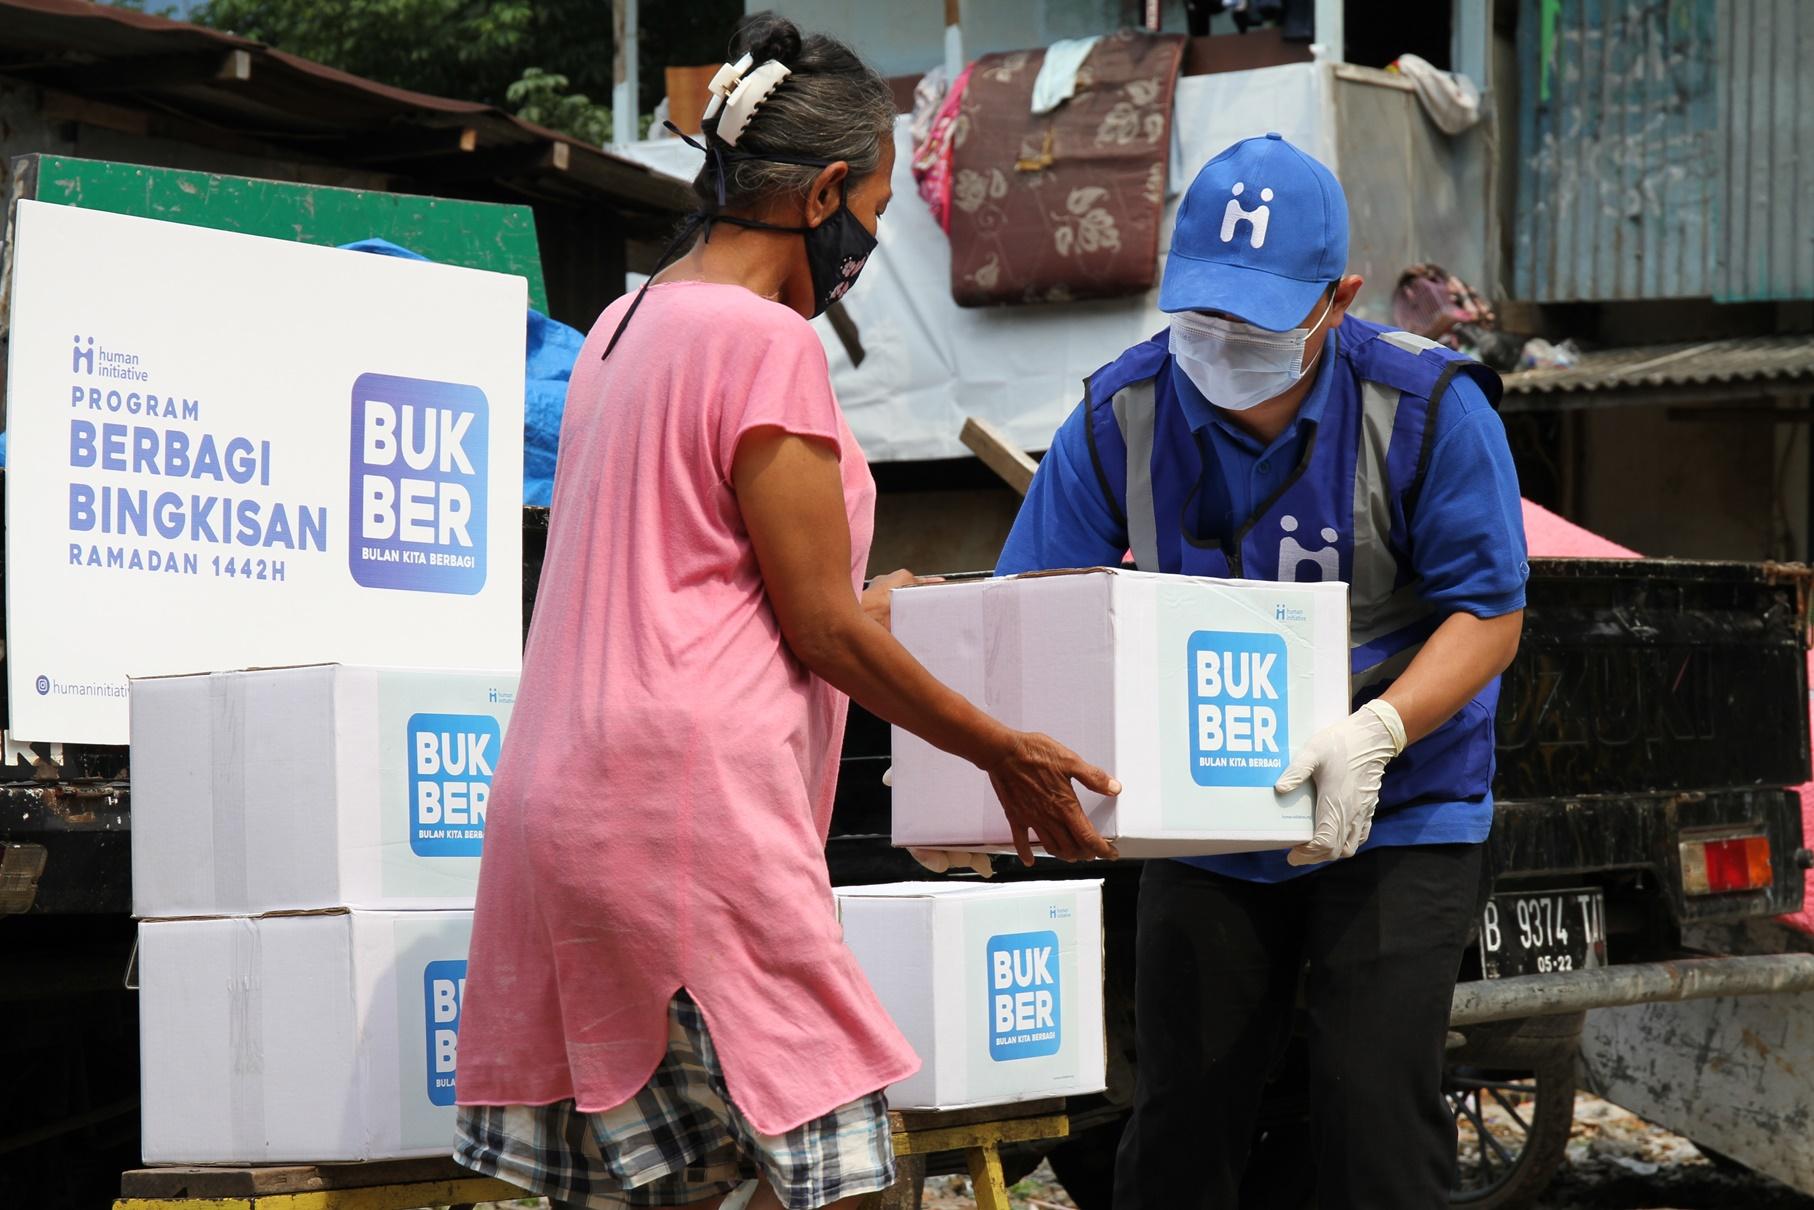 Distribusi paket bingkisan oleh Relawan Human Initiative di Kampung Gasong, Tebet.